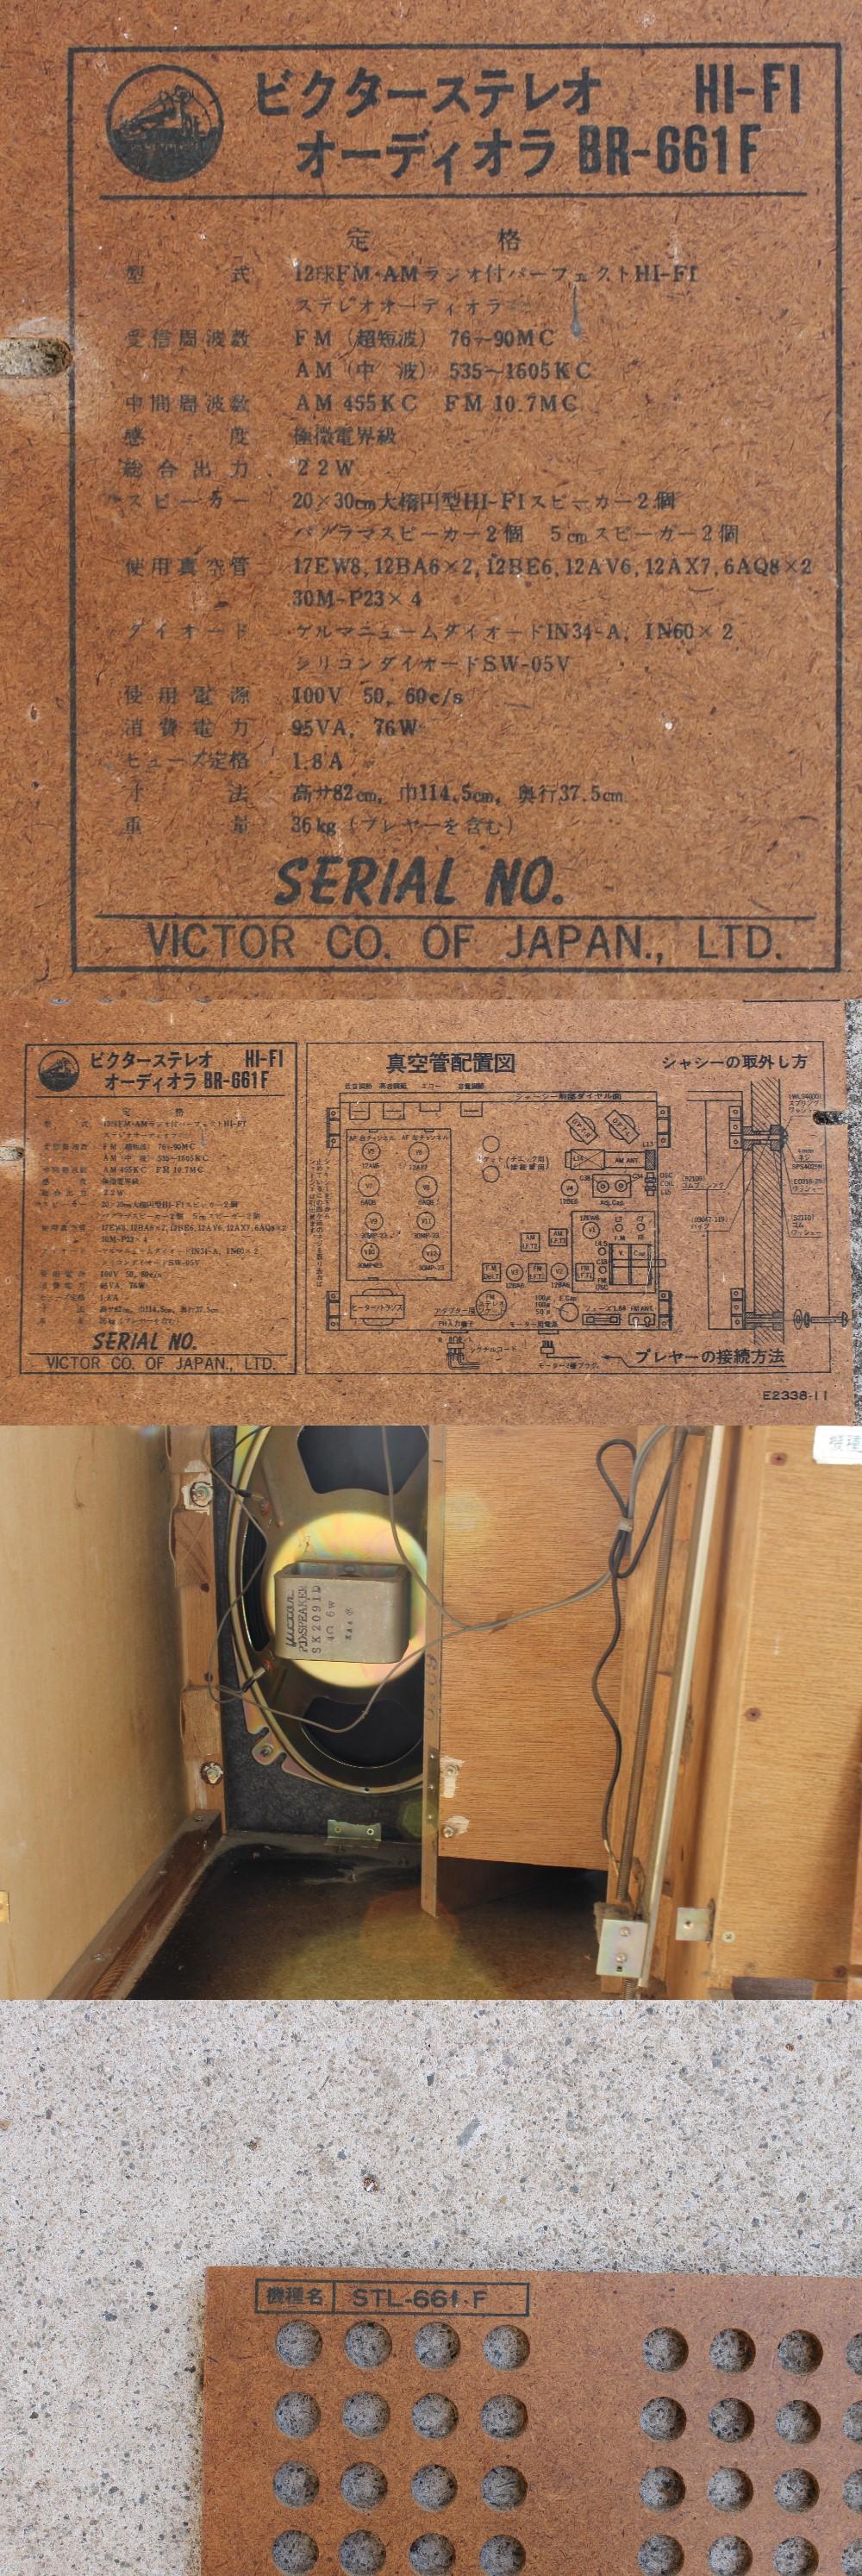 N010ビクターステレオ1